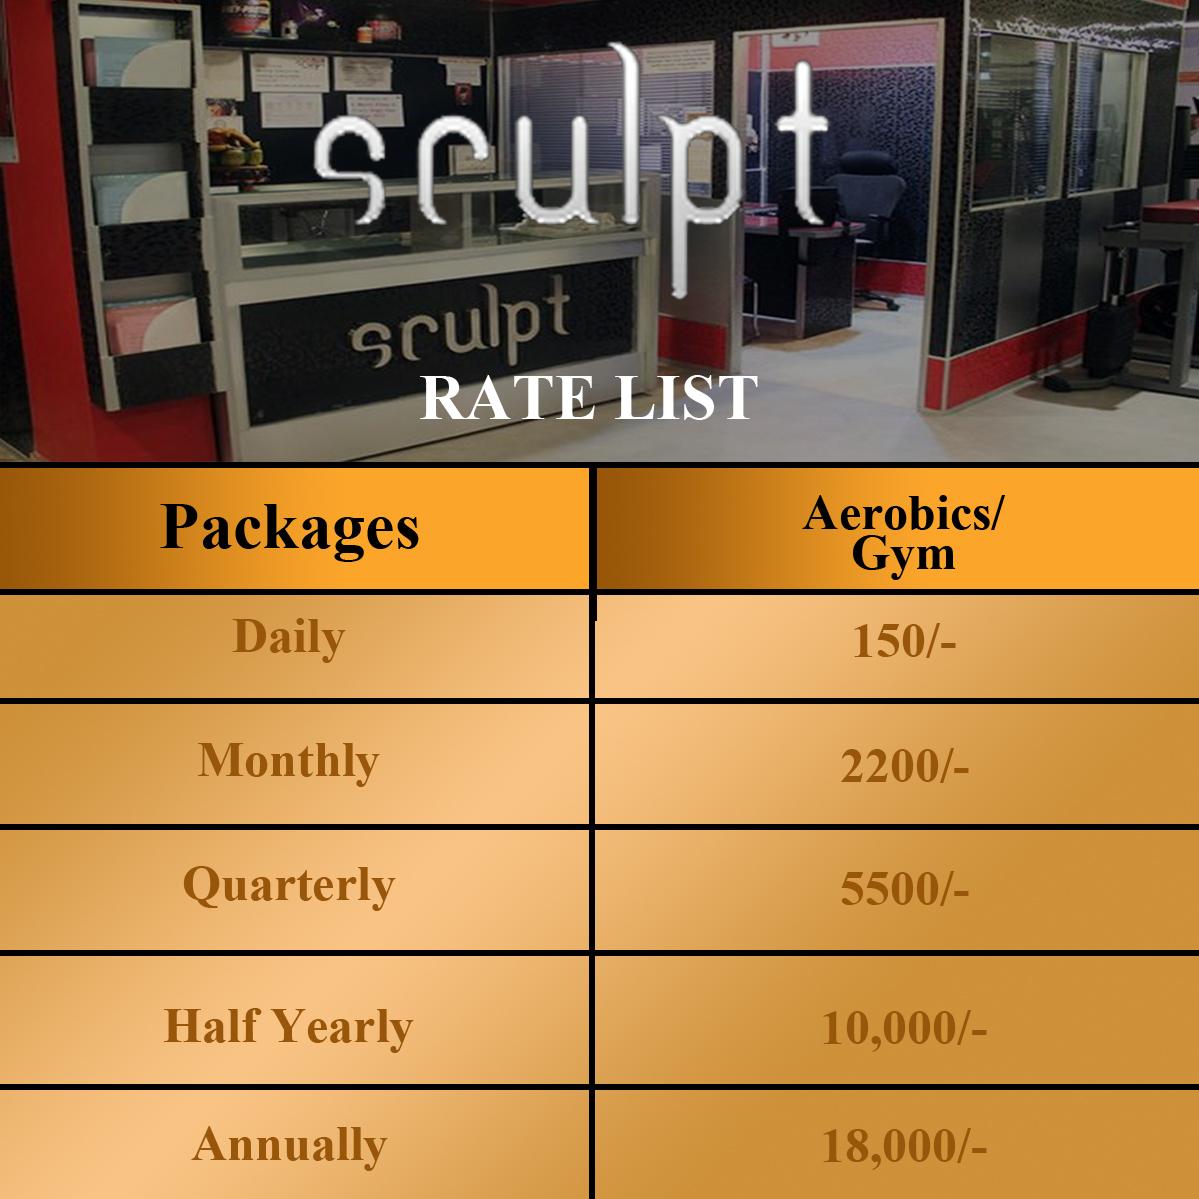 Sculpt gym Rate list